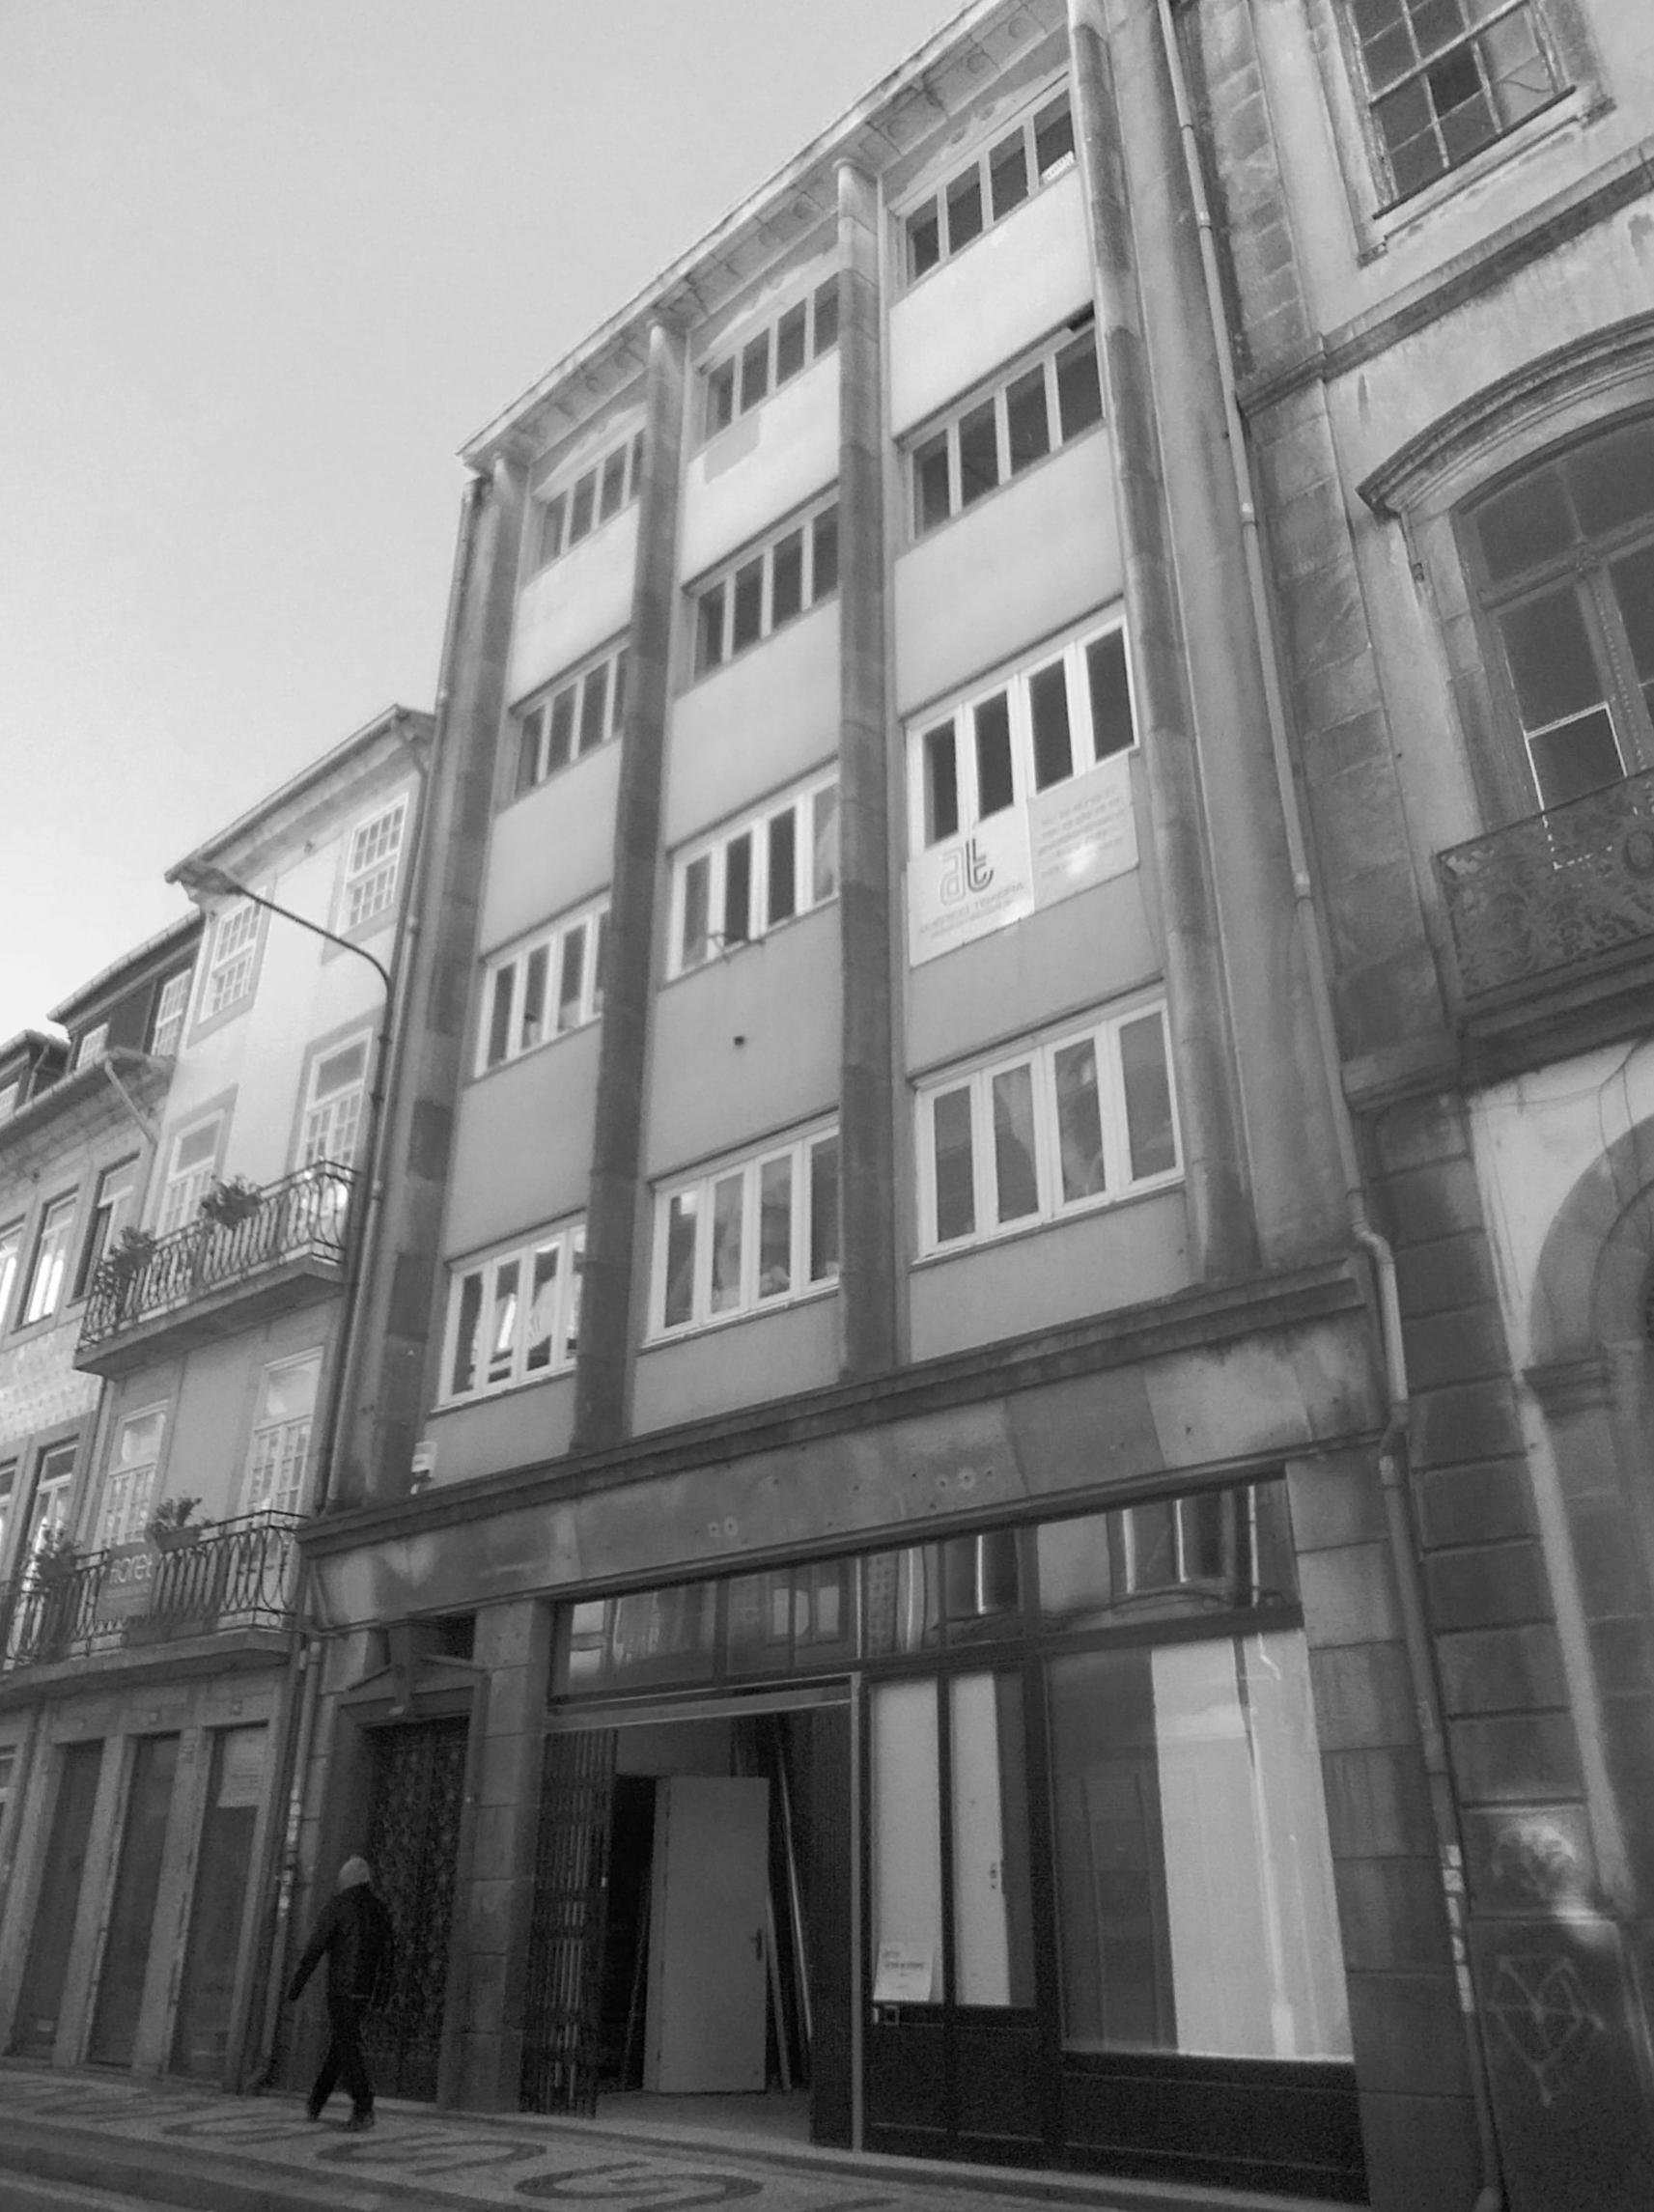 PÁTIO HOUSES